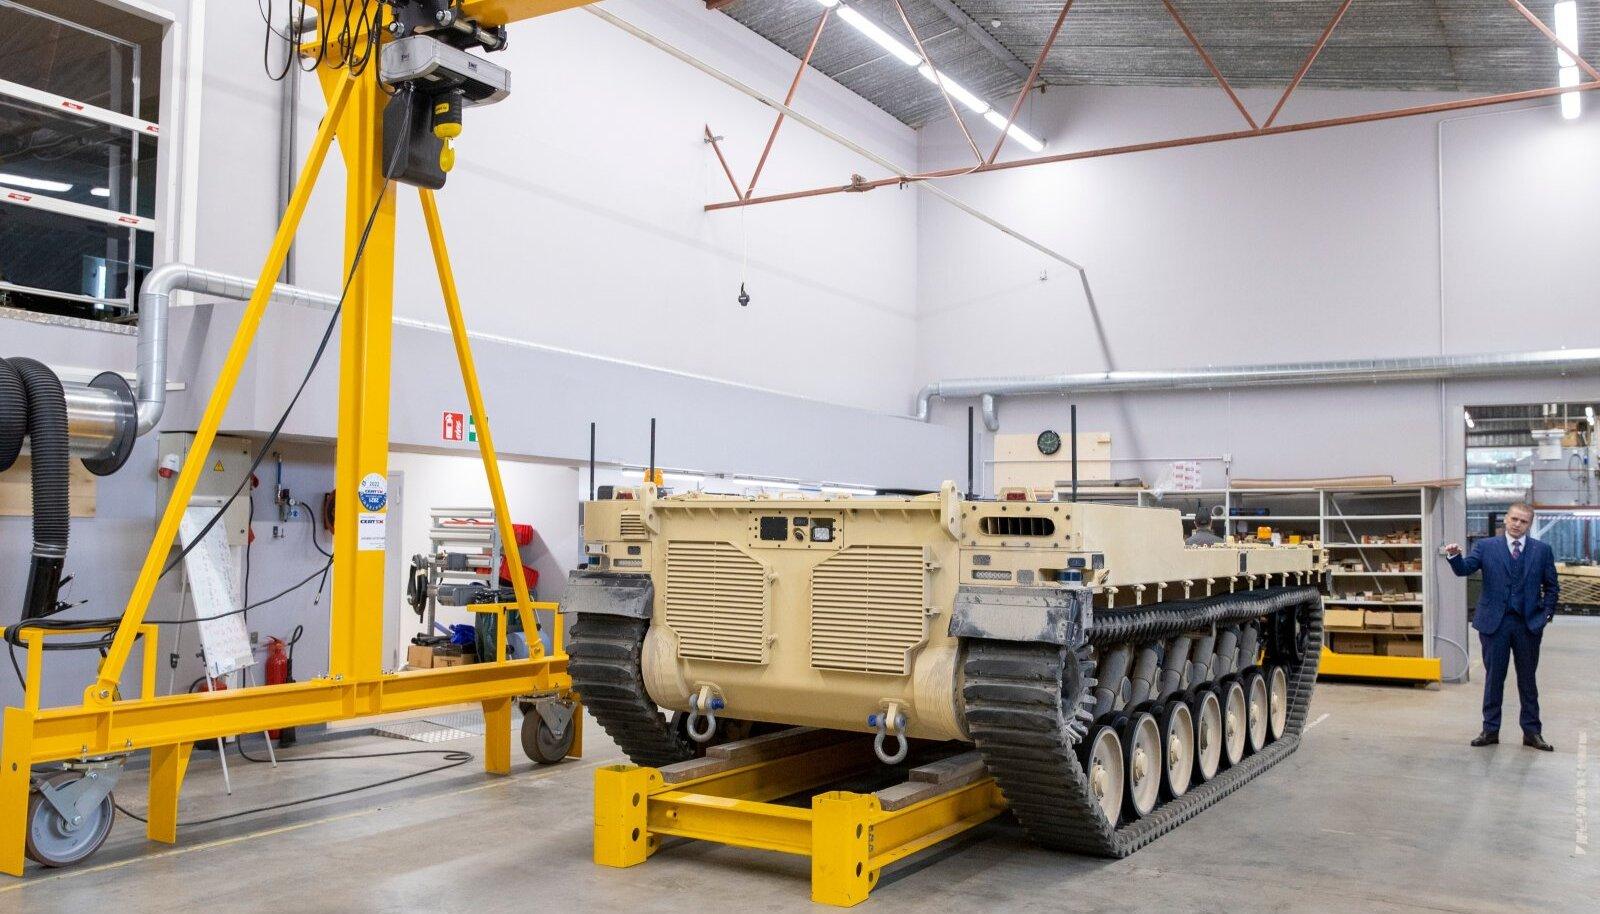 Milrem Roboticsi mehitamata lahingumasin Type-X on esimene seda sorti toetusmasin läänemaailmas. Selle arendamise on Eesti ettevõttelt tellinud Saudi Araabia.